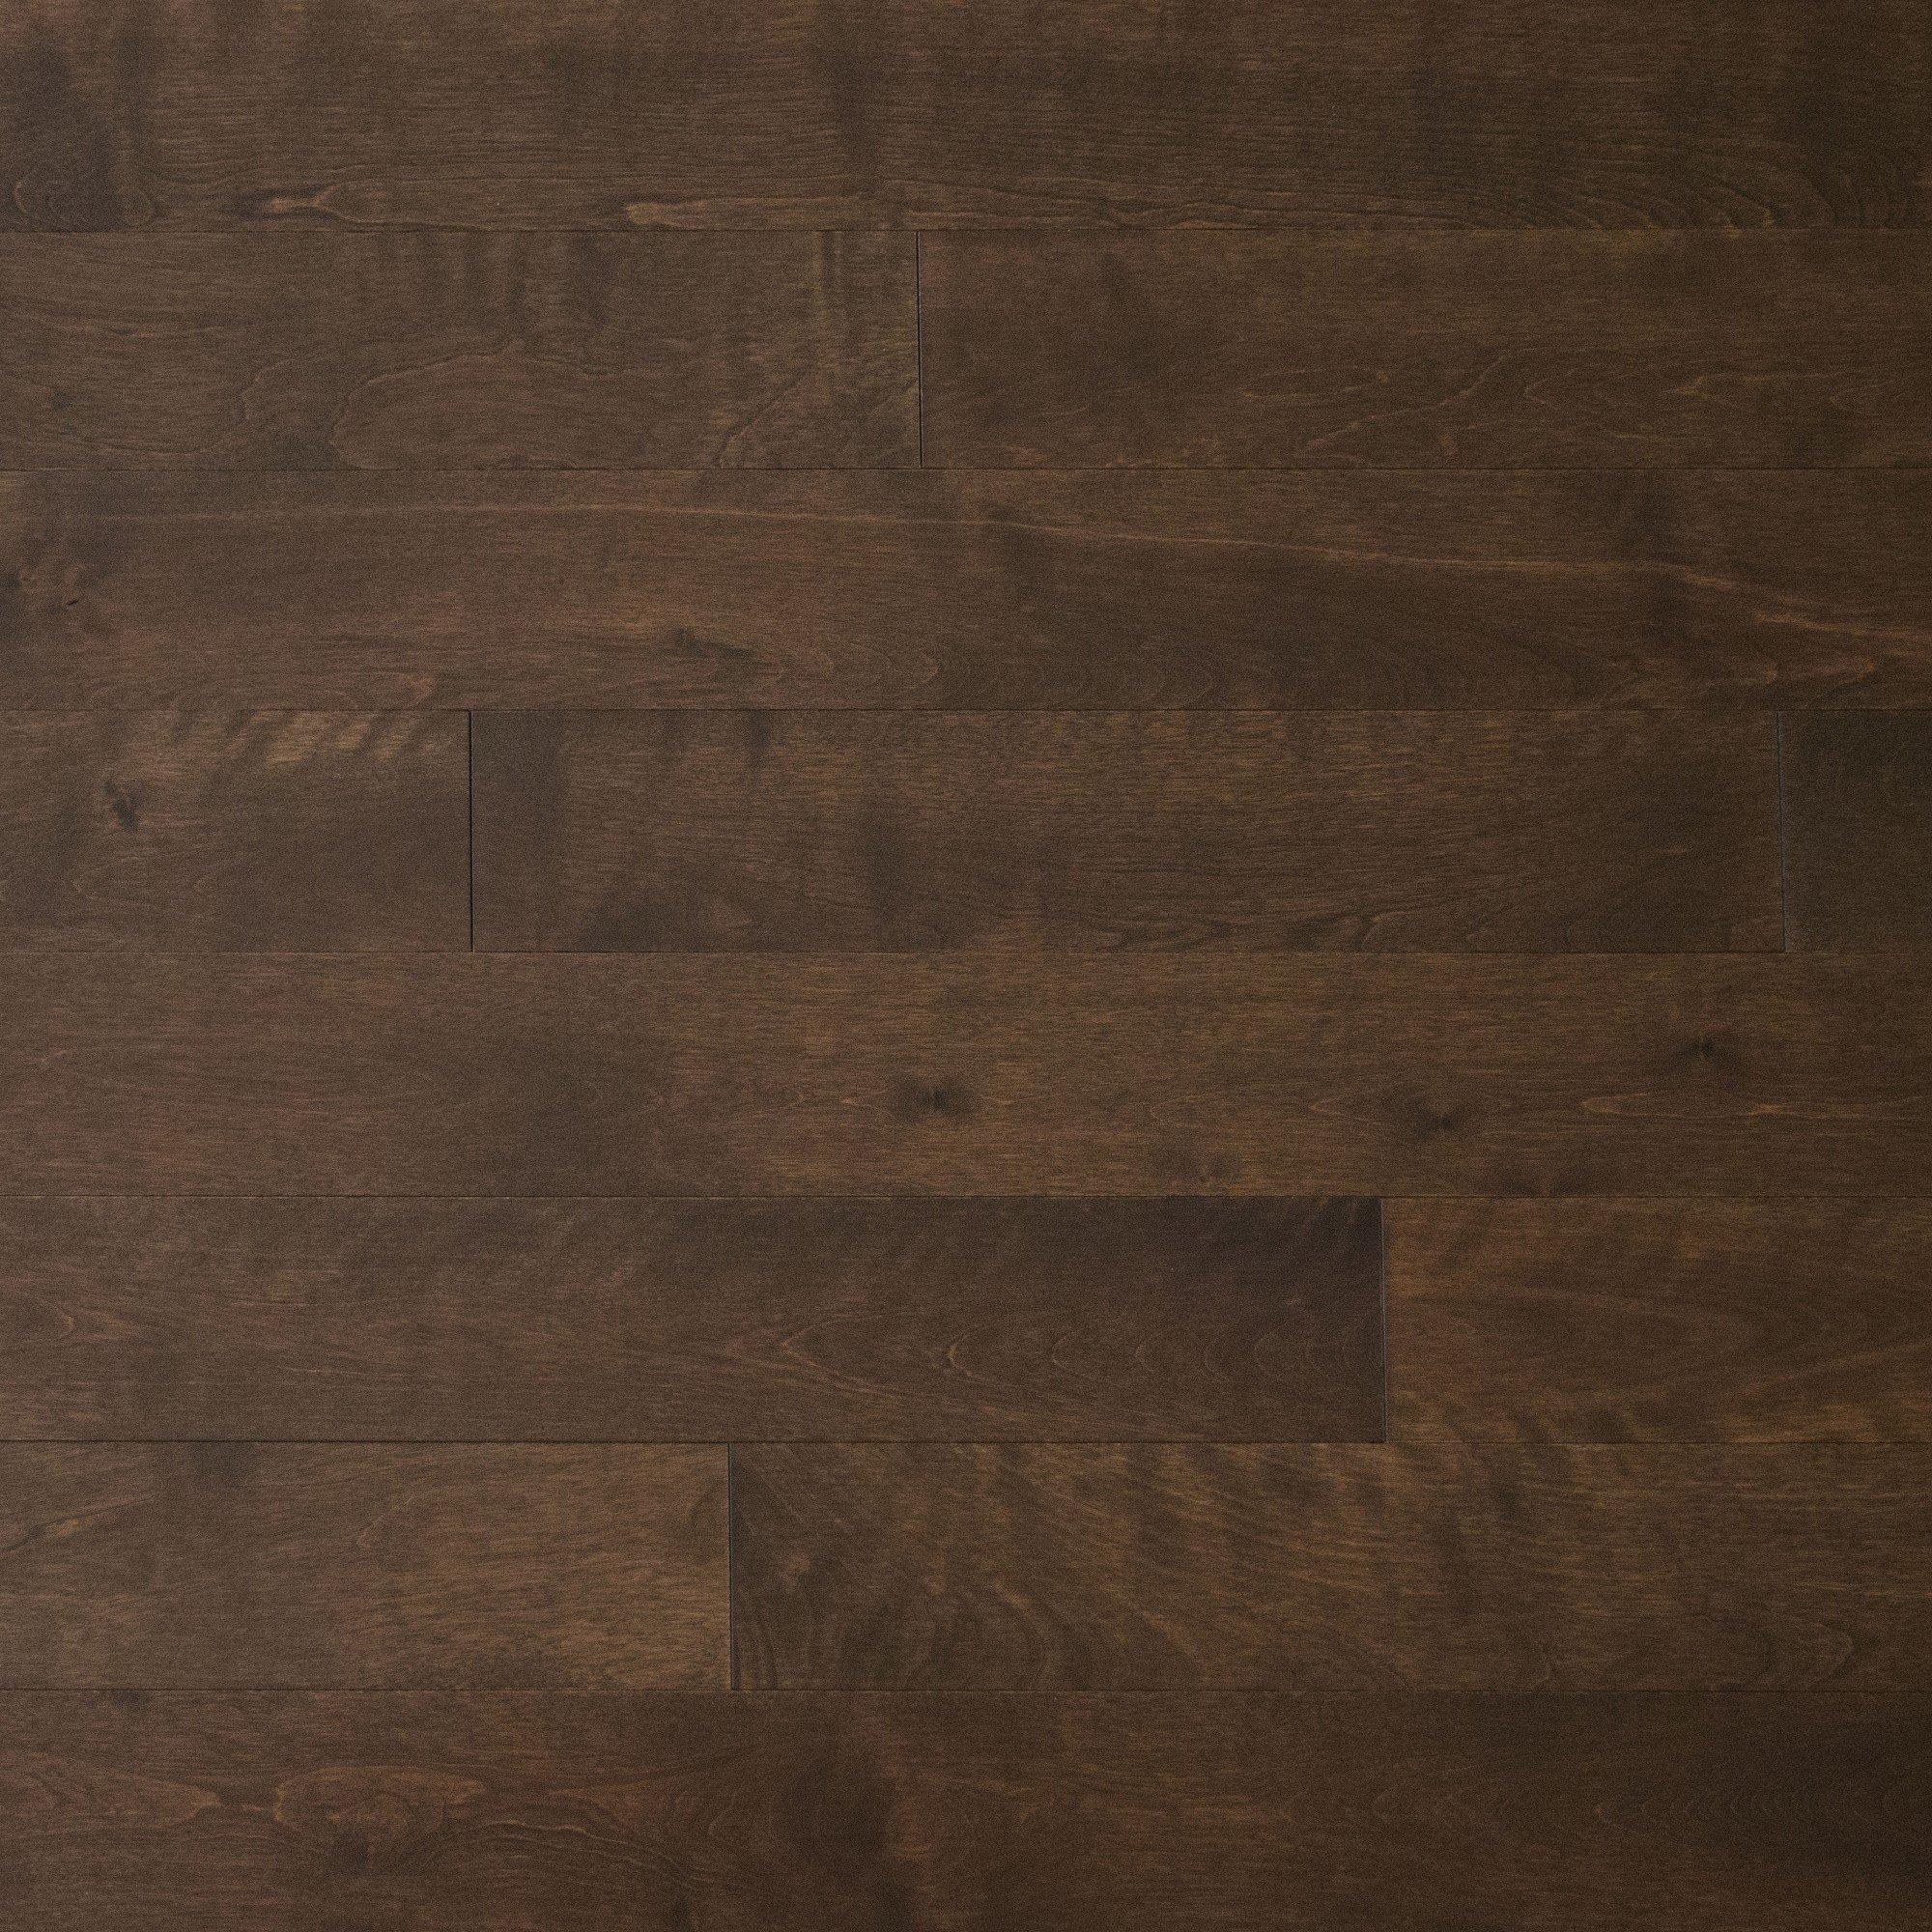 Merisier Havana Exclusive Lisse - Image plancher